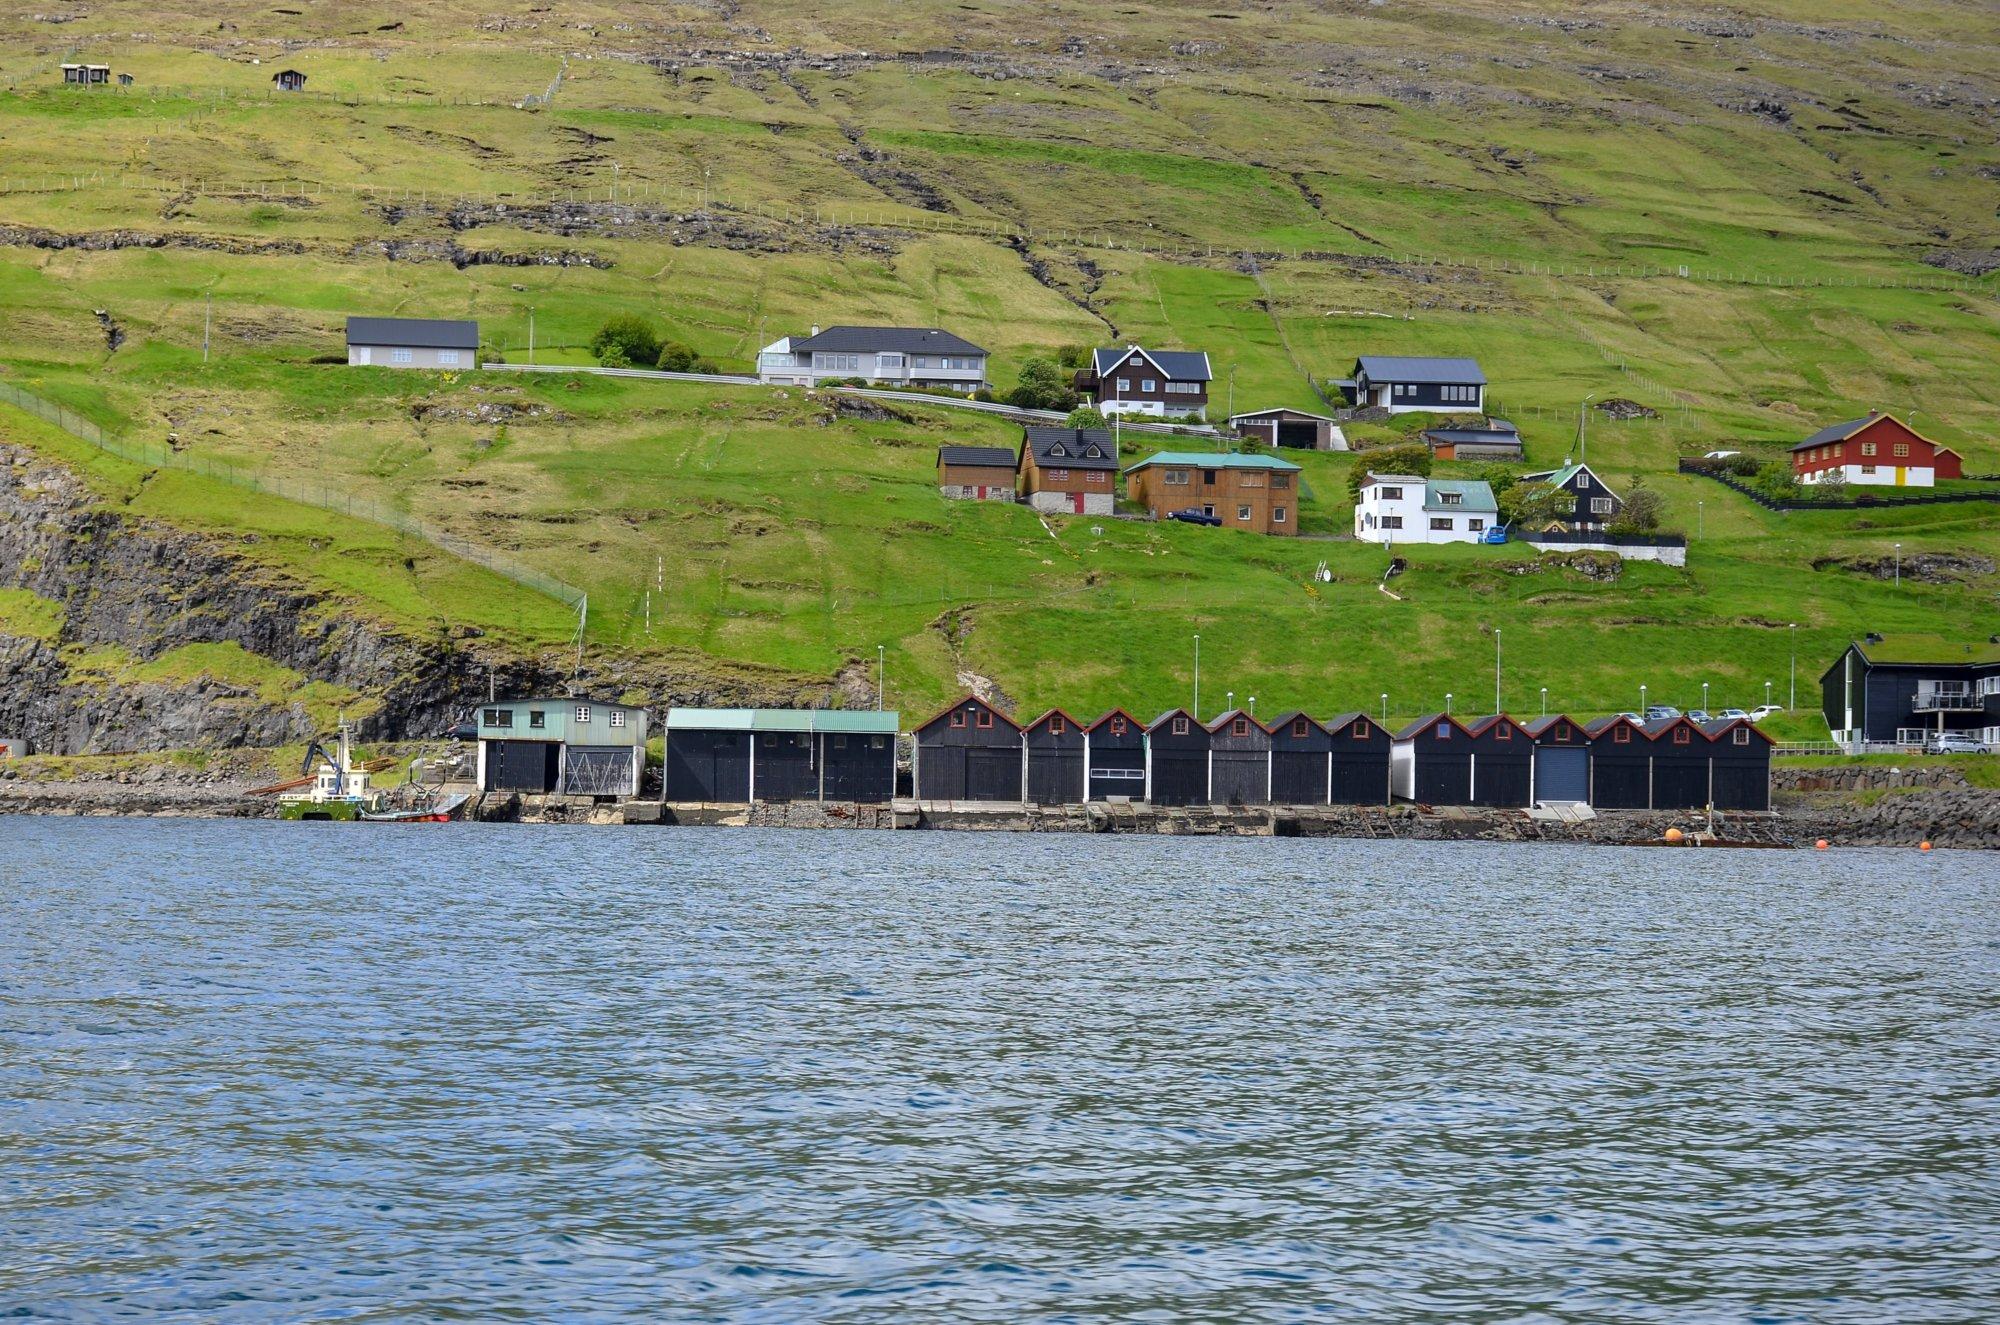 Garaże na łodzie w Vestmanna na Wyspach Owczych